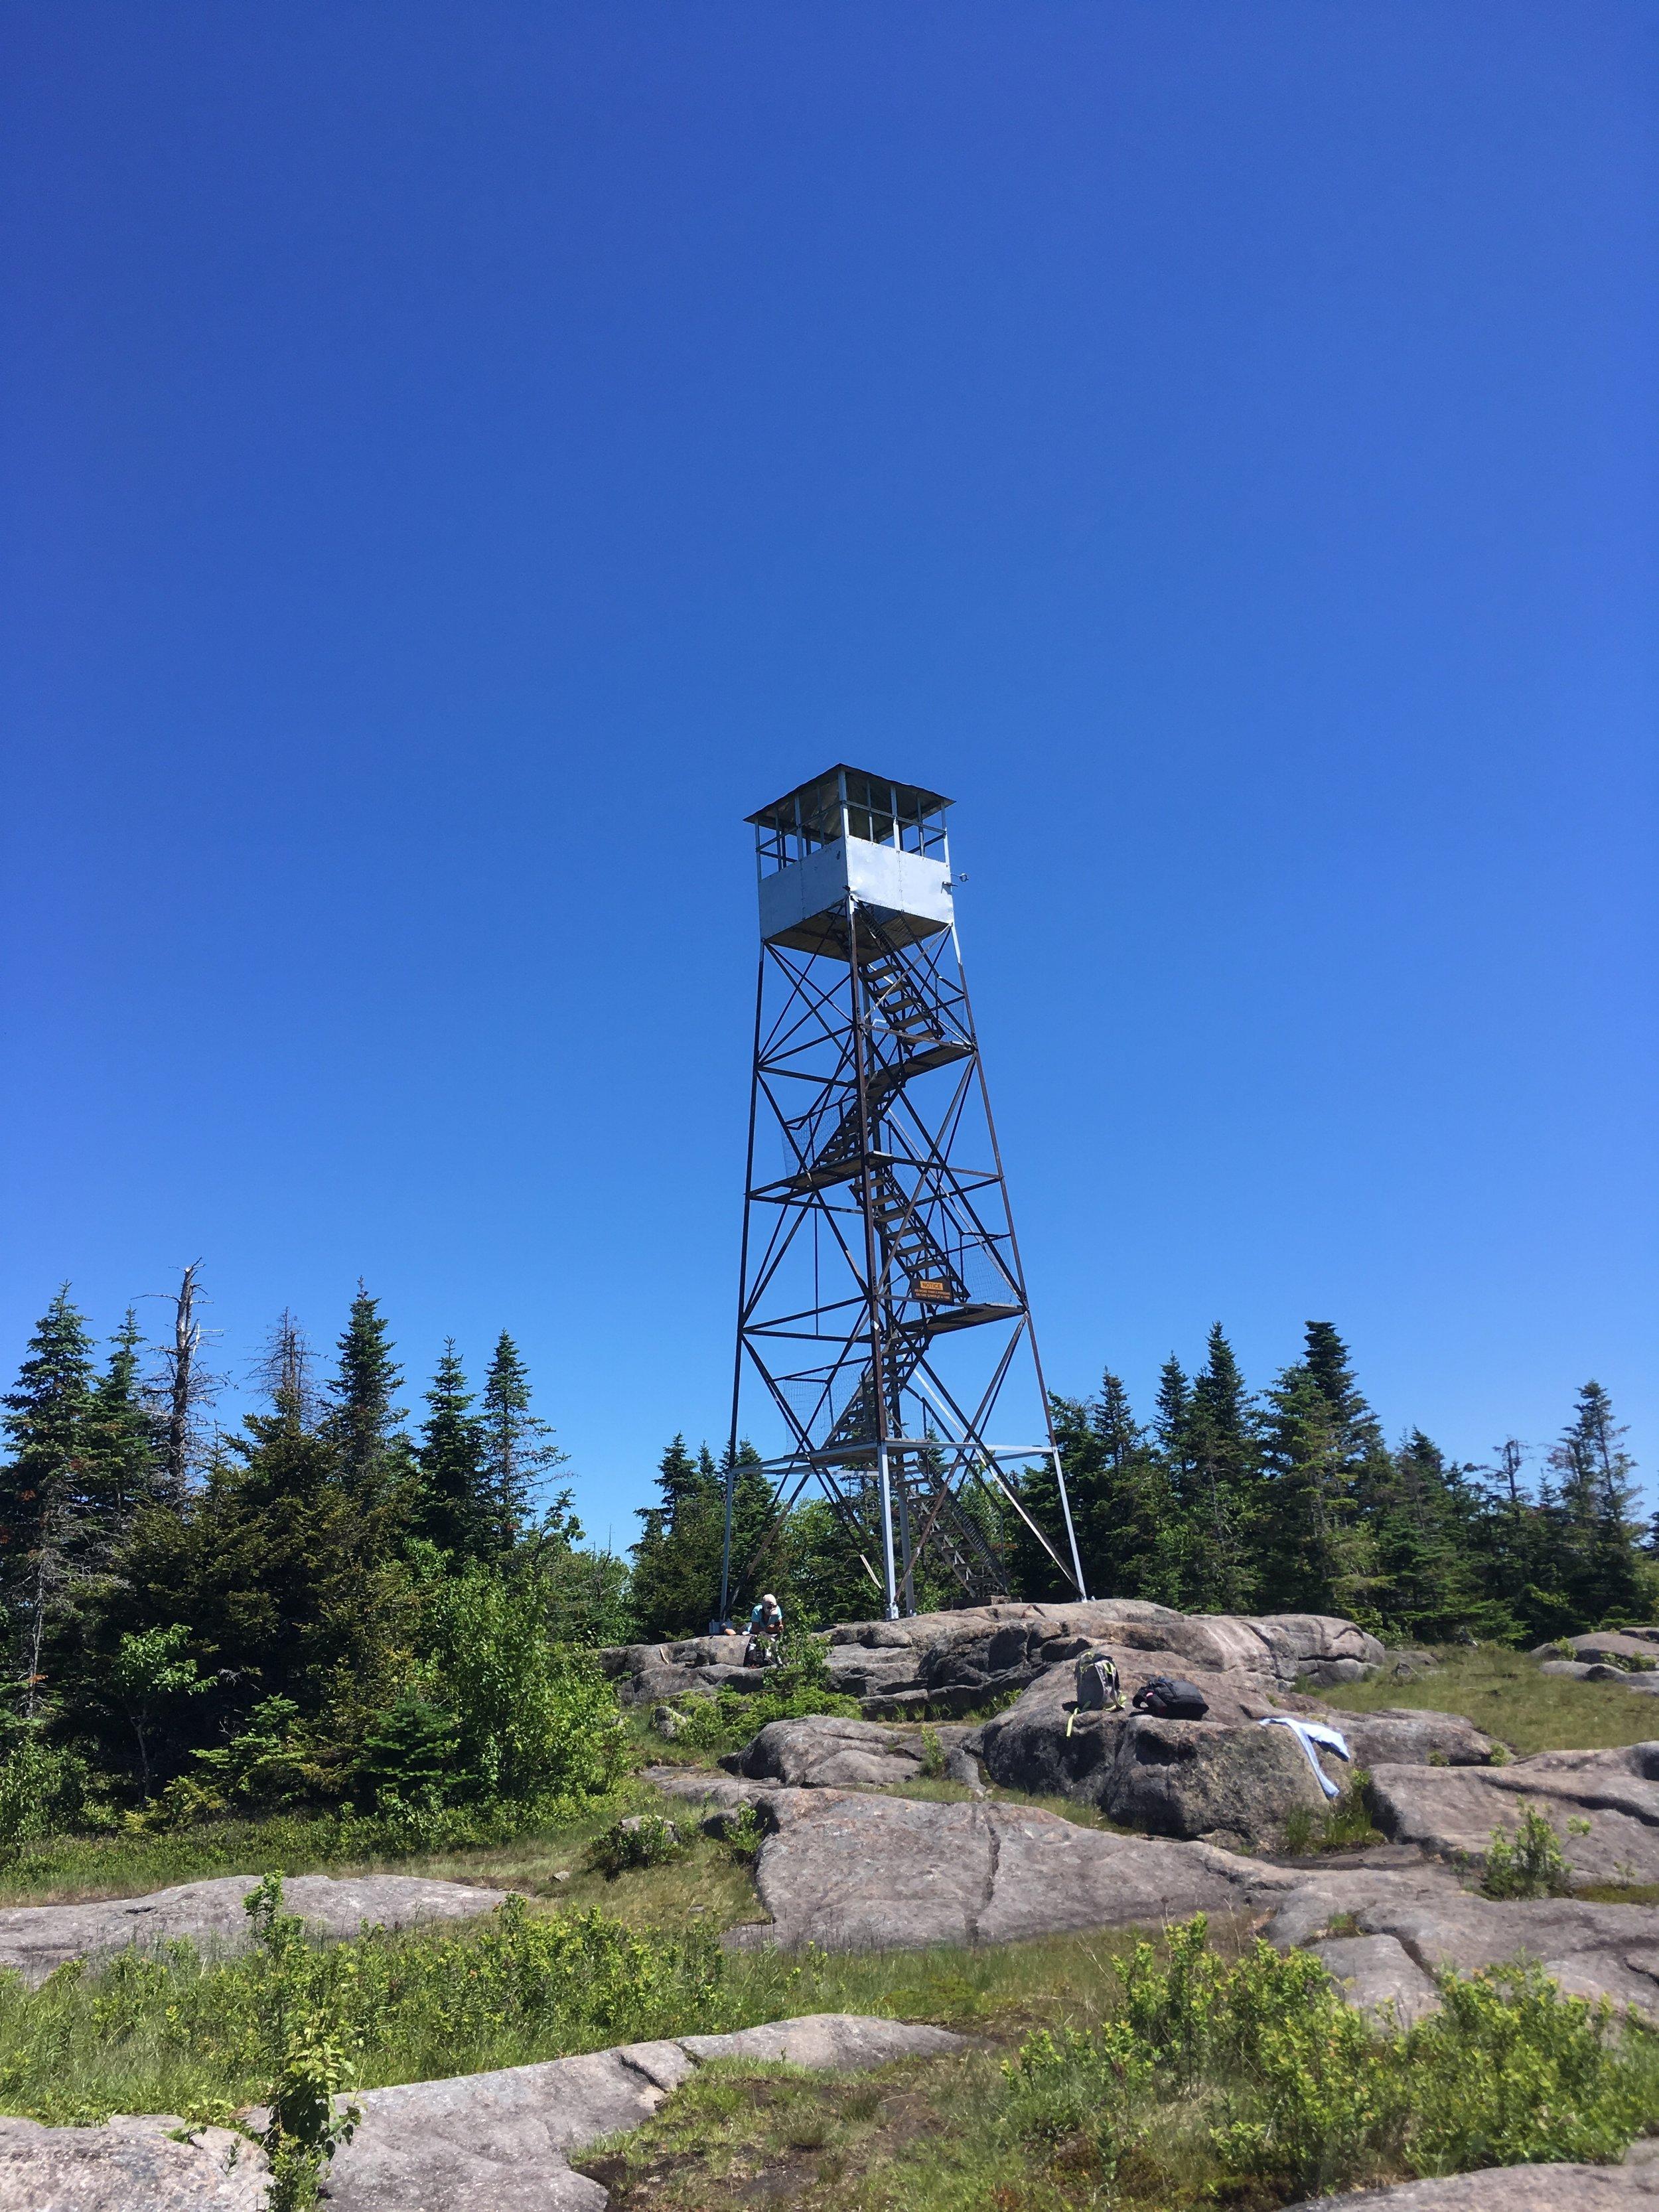 st-regis-new-york-expedition-canine-sommet-firetower.JPG